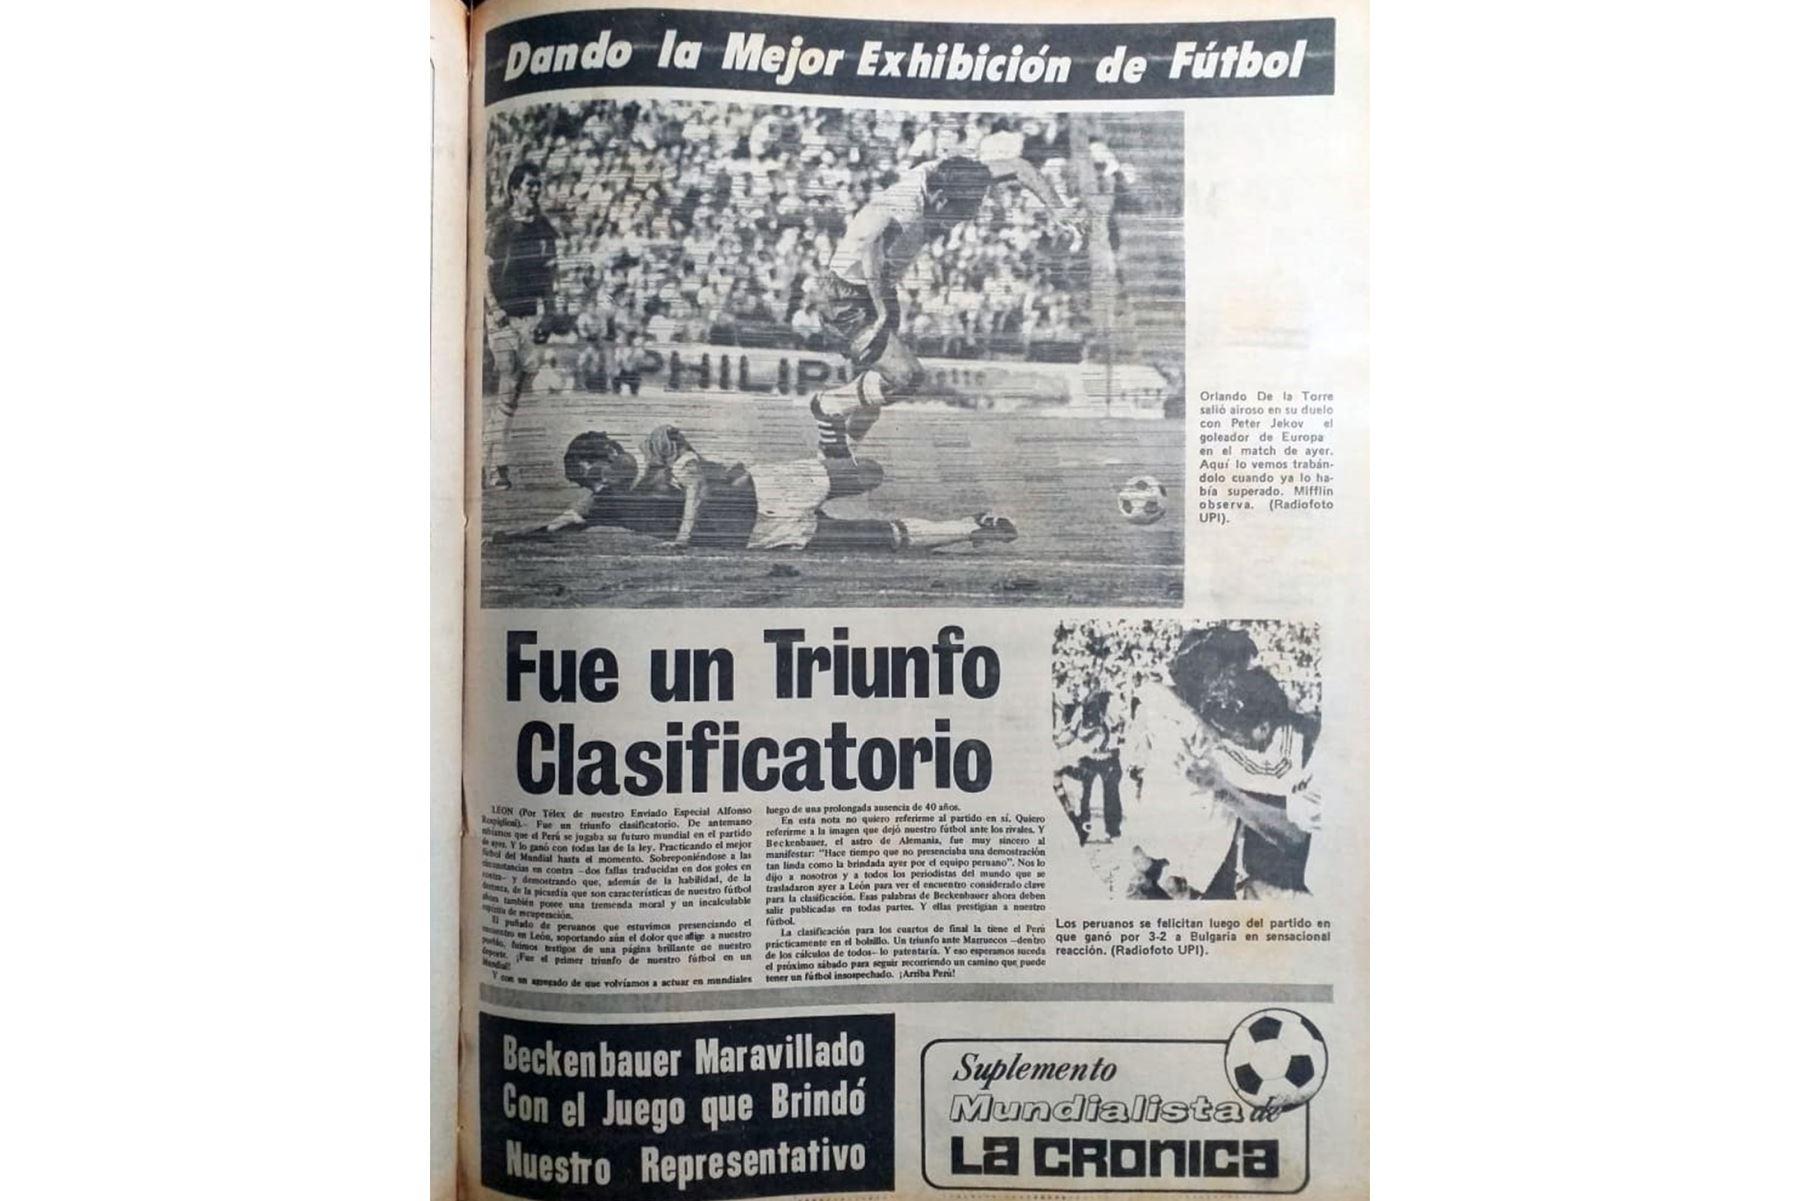 Cobertura del diario La Crónica sobre la actuación de las selección peruana de fútbol en el Mundial México 70. Archivo Histórico de El Peruano